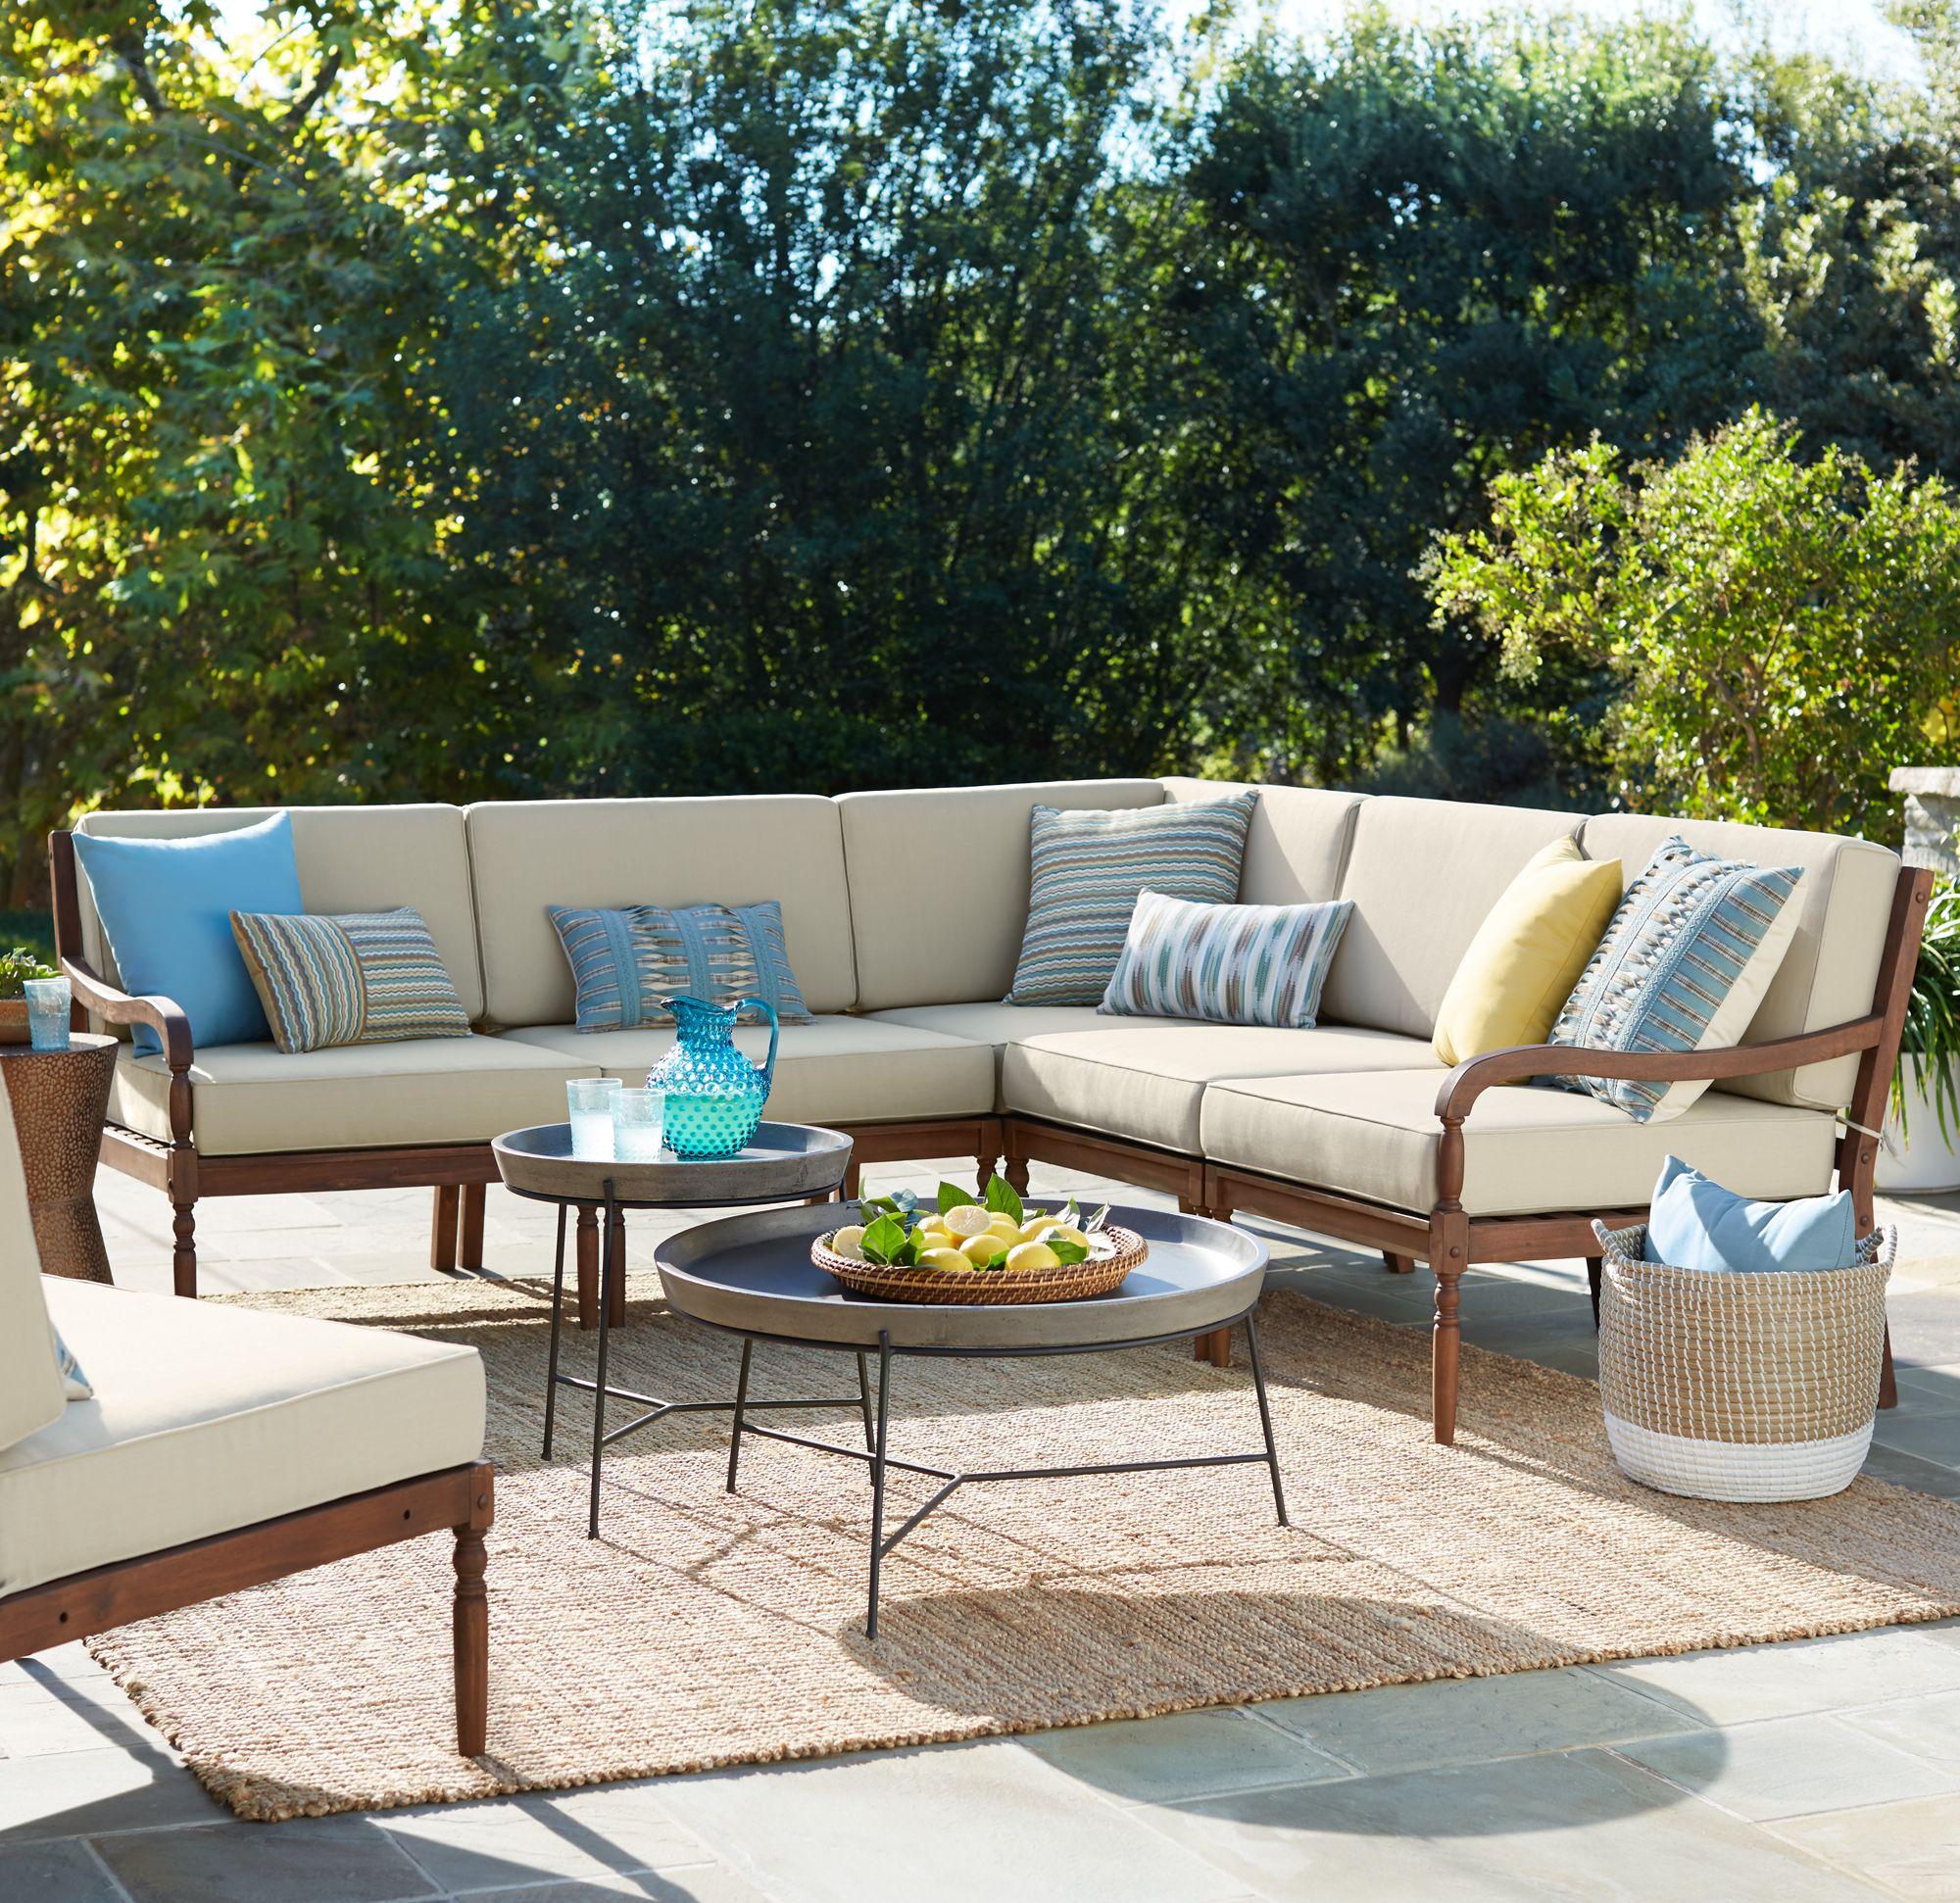 Napa Modular Acacia Wood 5 Piece Outdoor Seating Patio Set